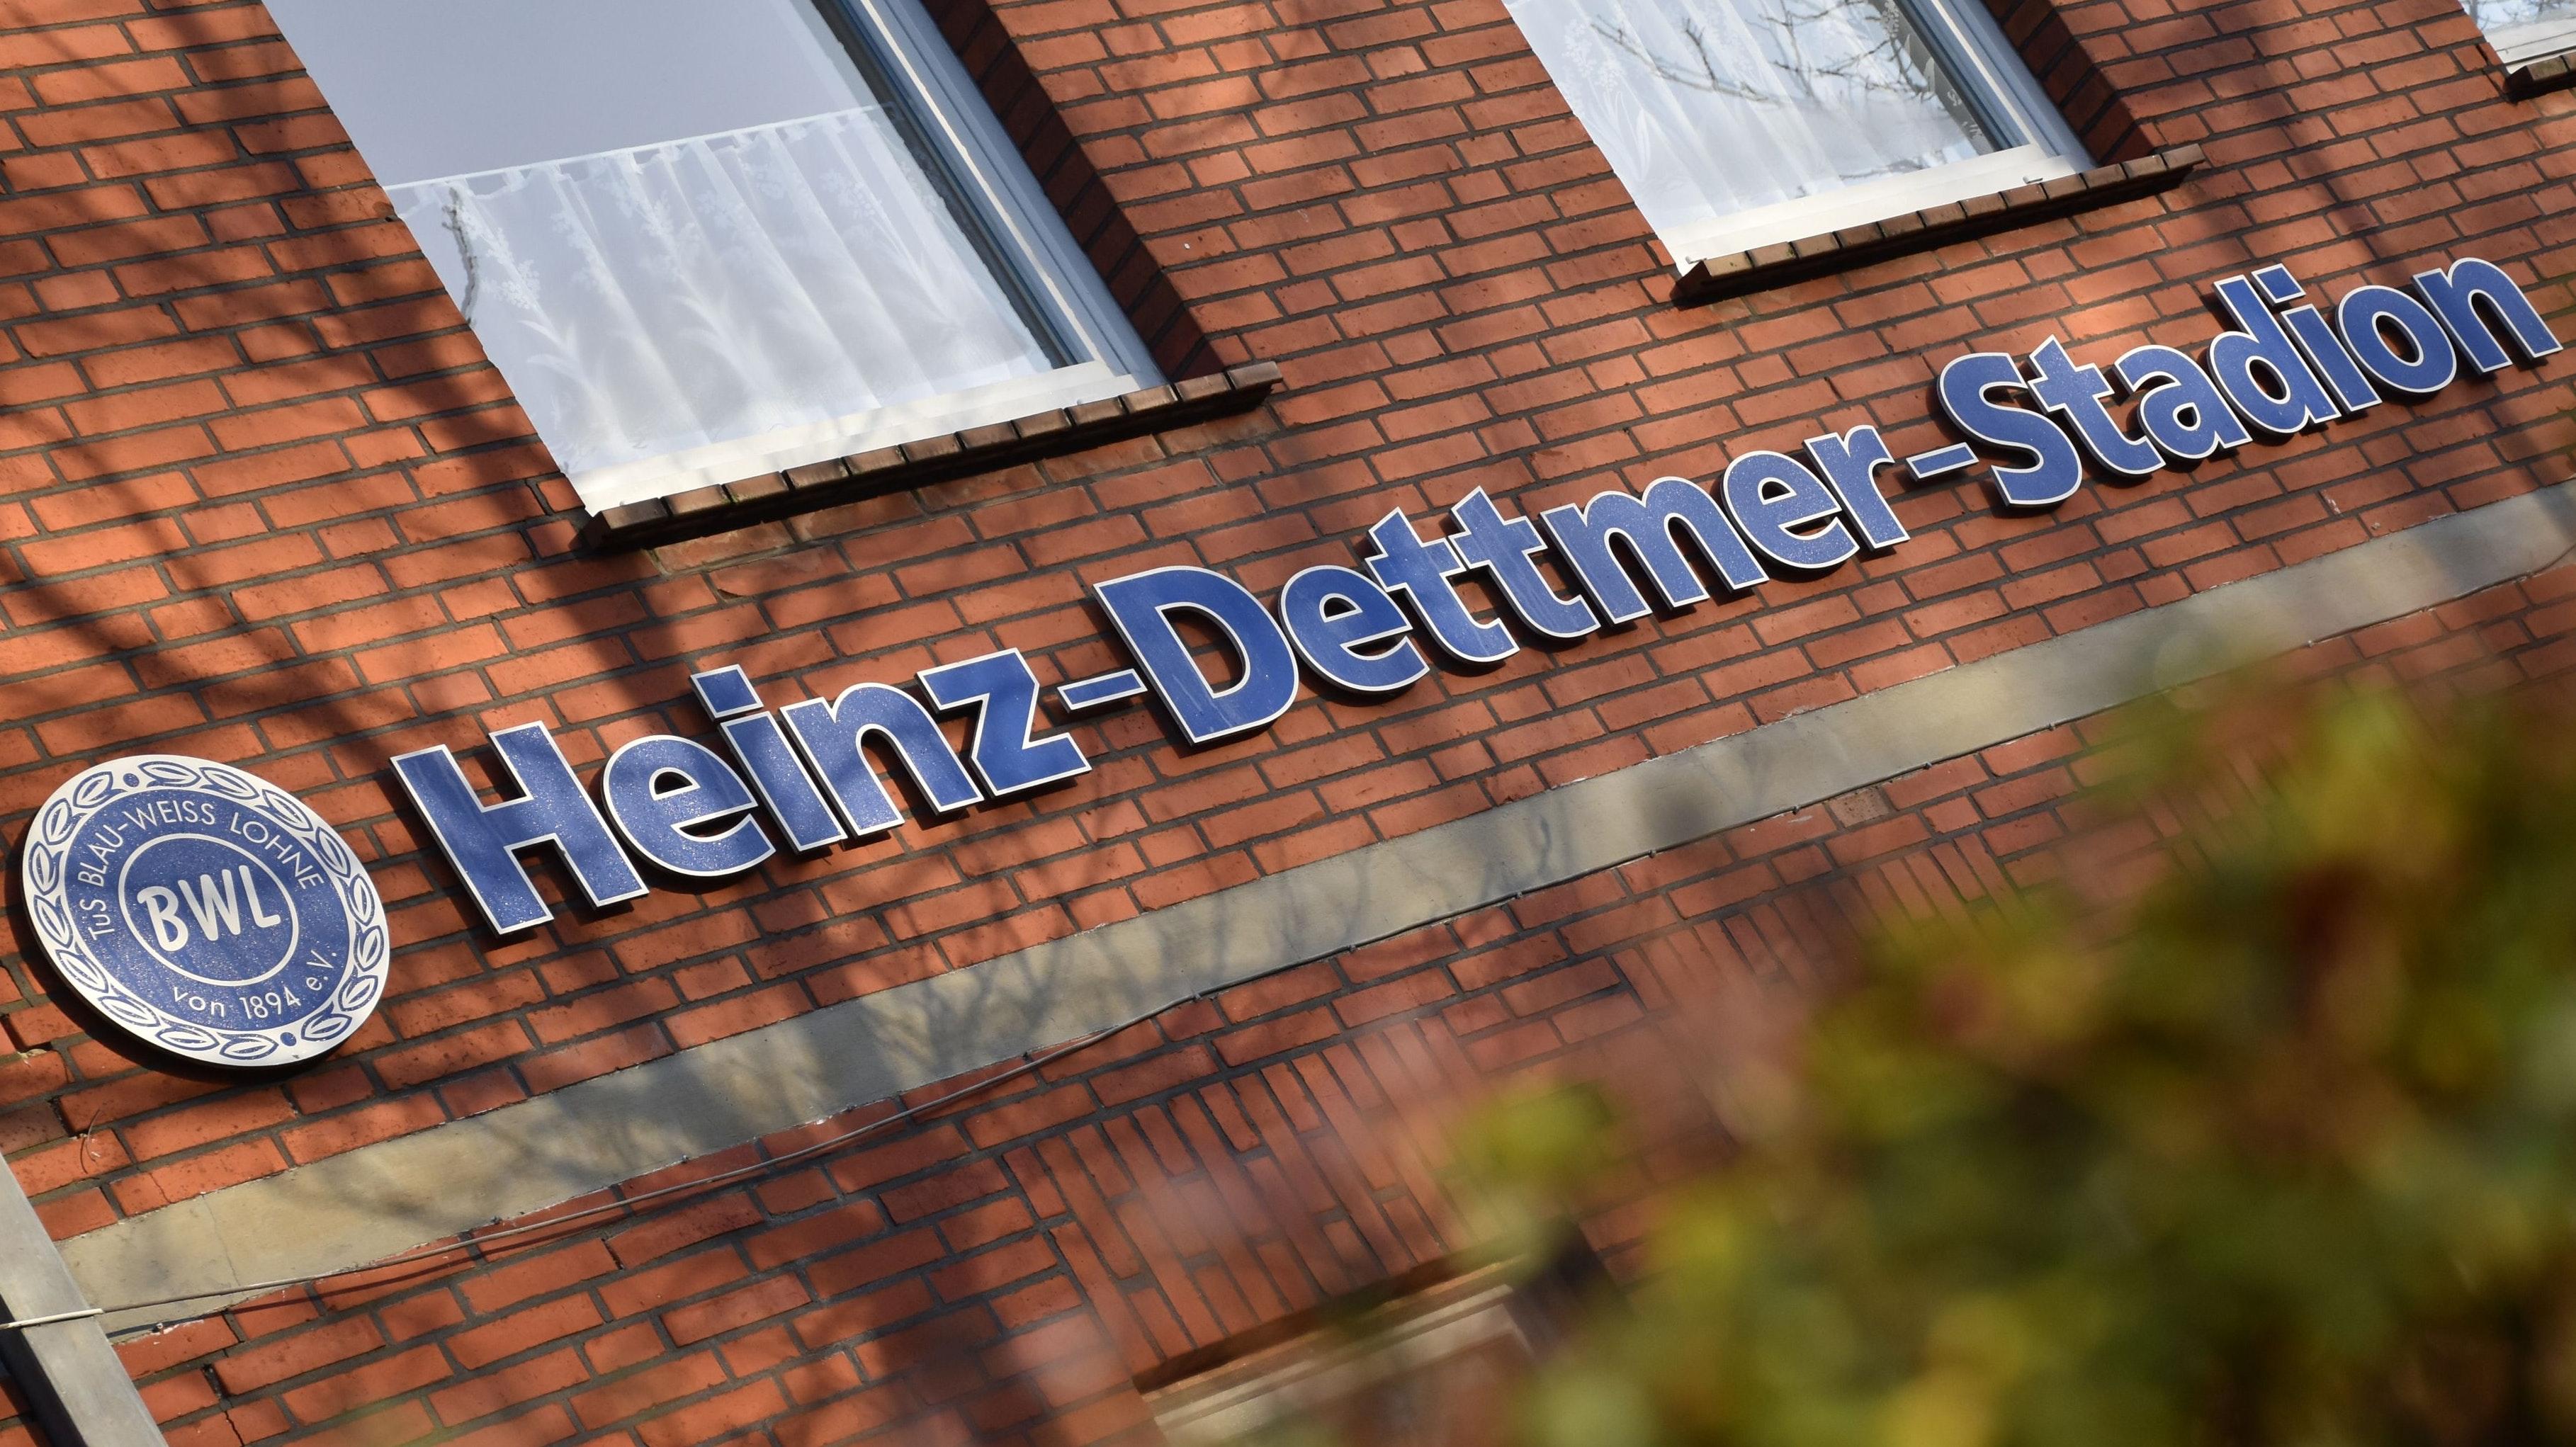 Die Spielstätte der Blau-Weißen aus Lohne: das Heinz-Dettmer-Stadion an der Steinfelder Straße. Foto: Timphaus